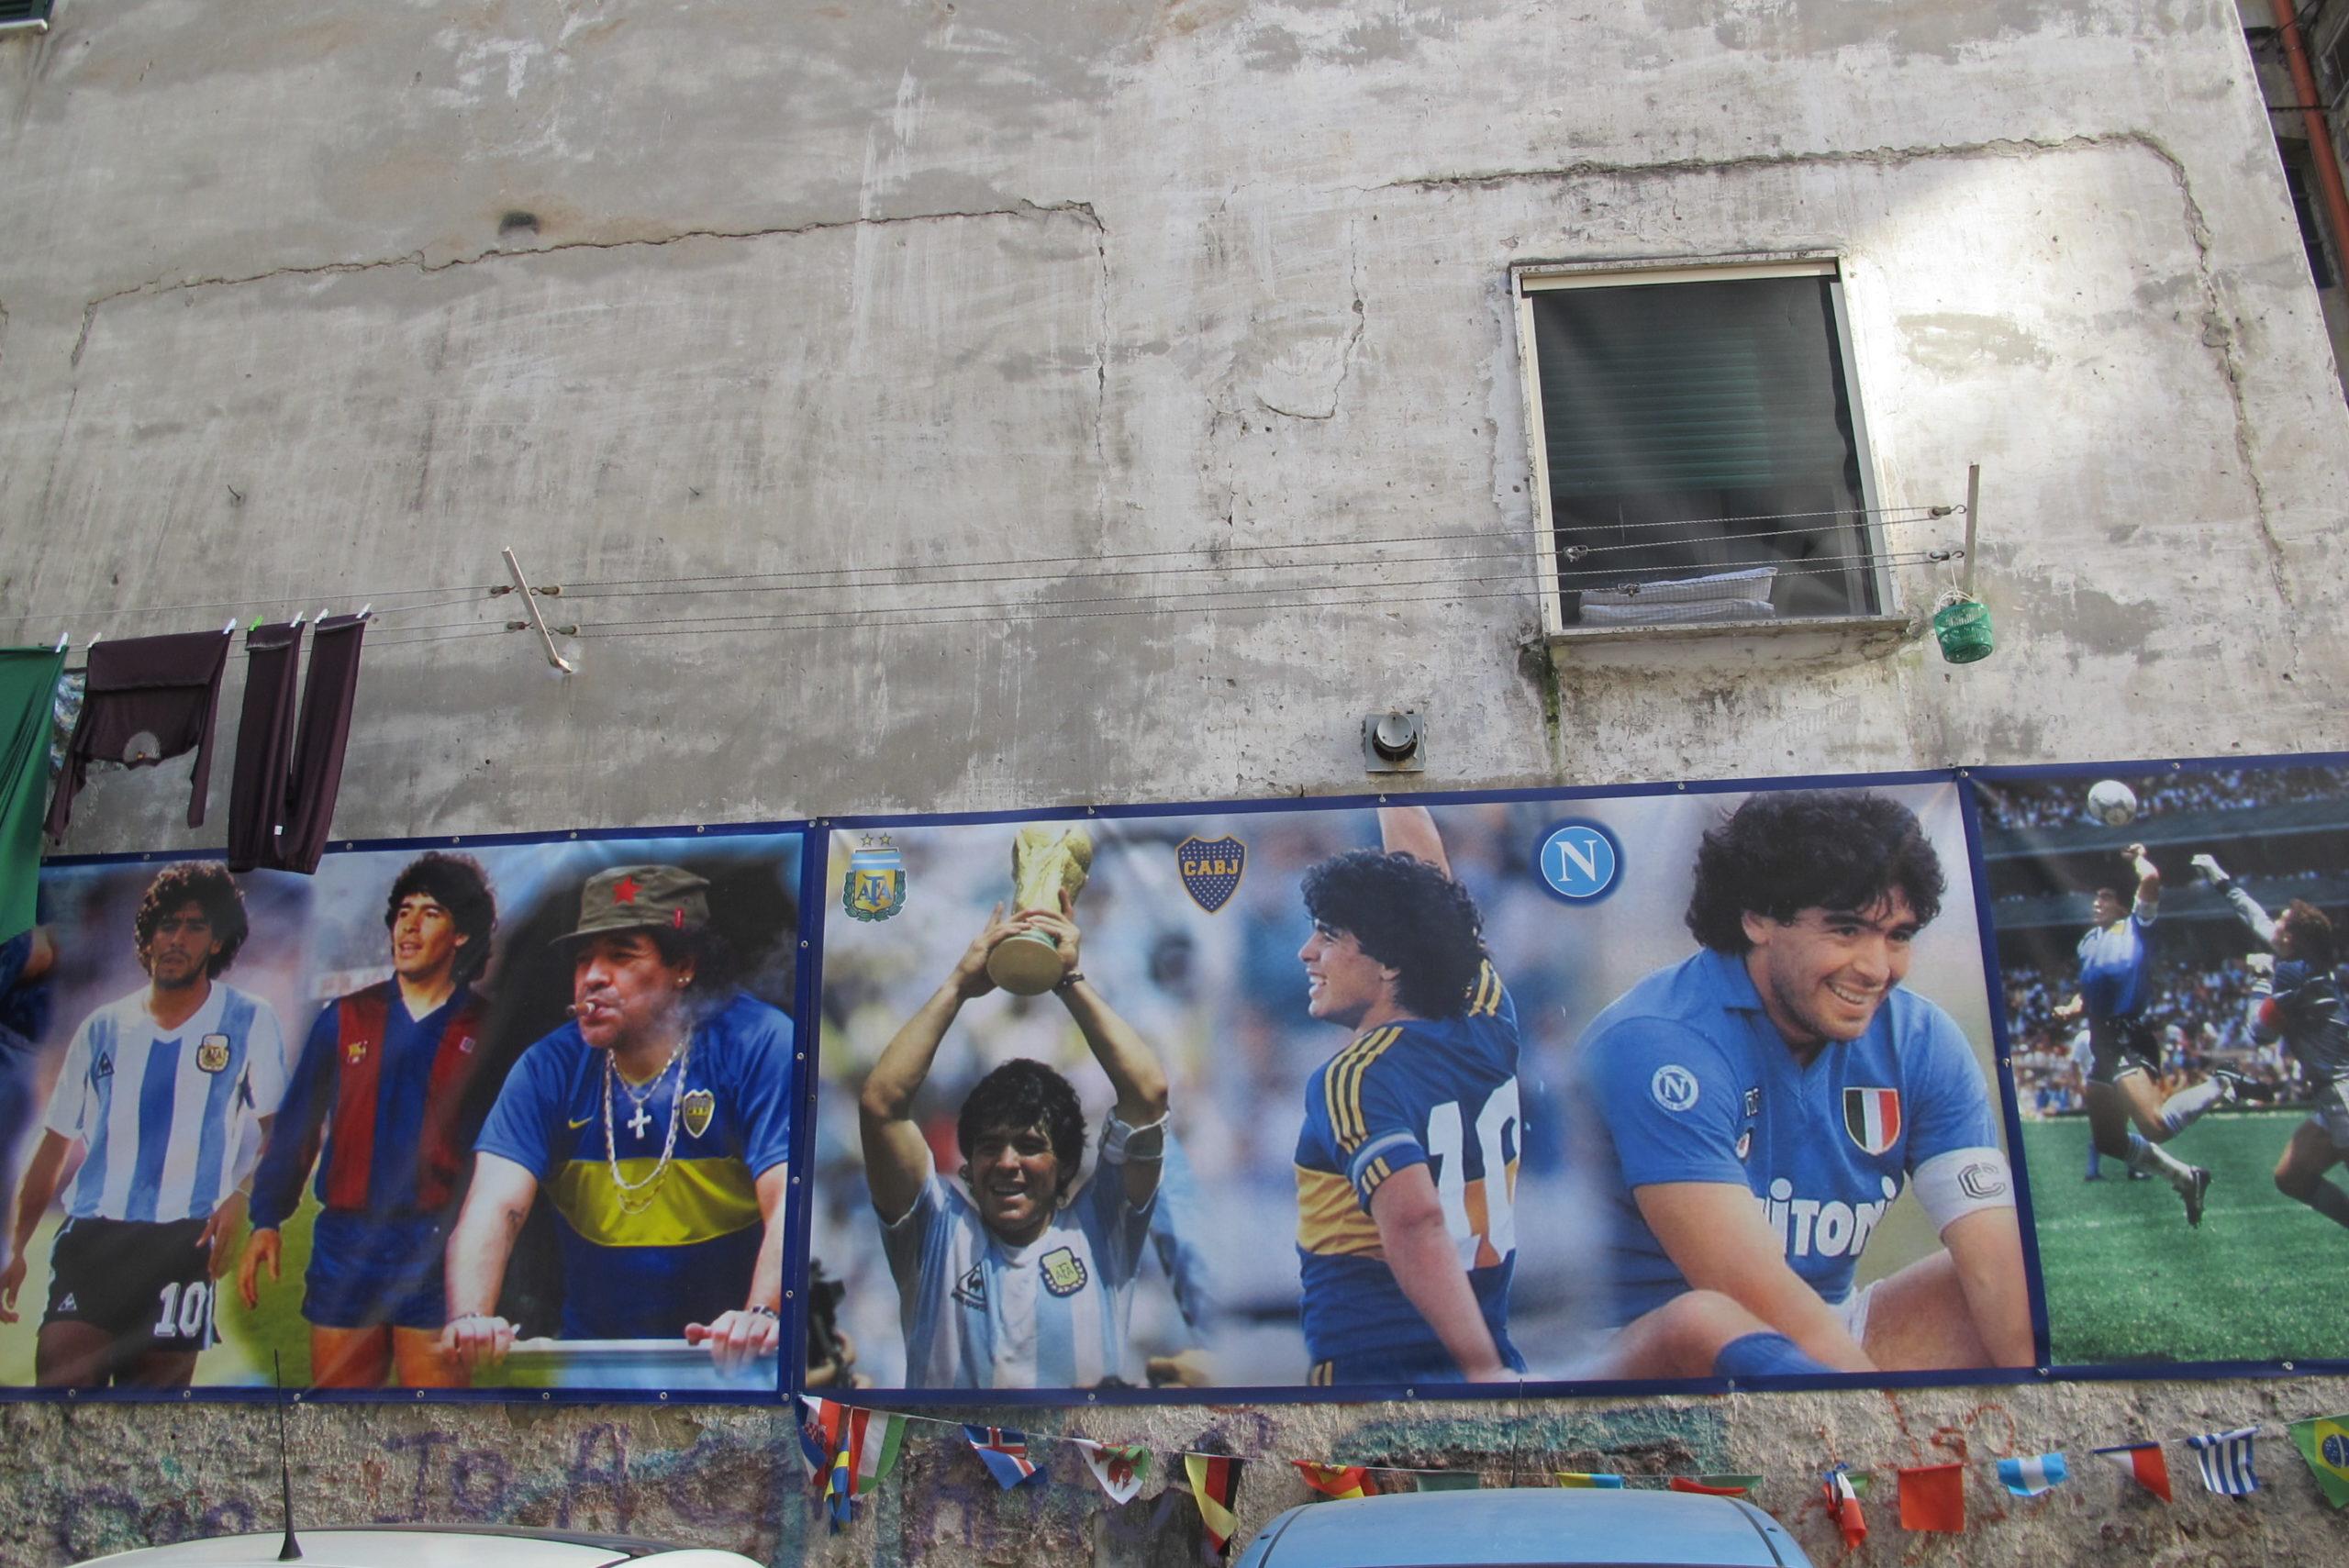 Napoli – Il fantasma di Diego. Il racconto di Giorgio Terruzzi dedicato a Maradona.